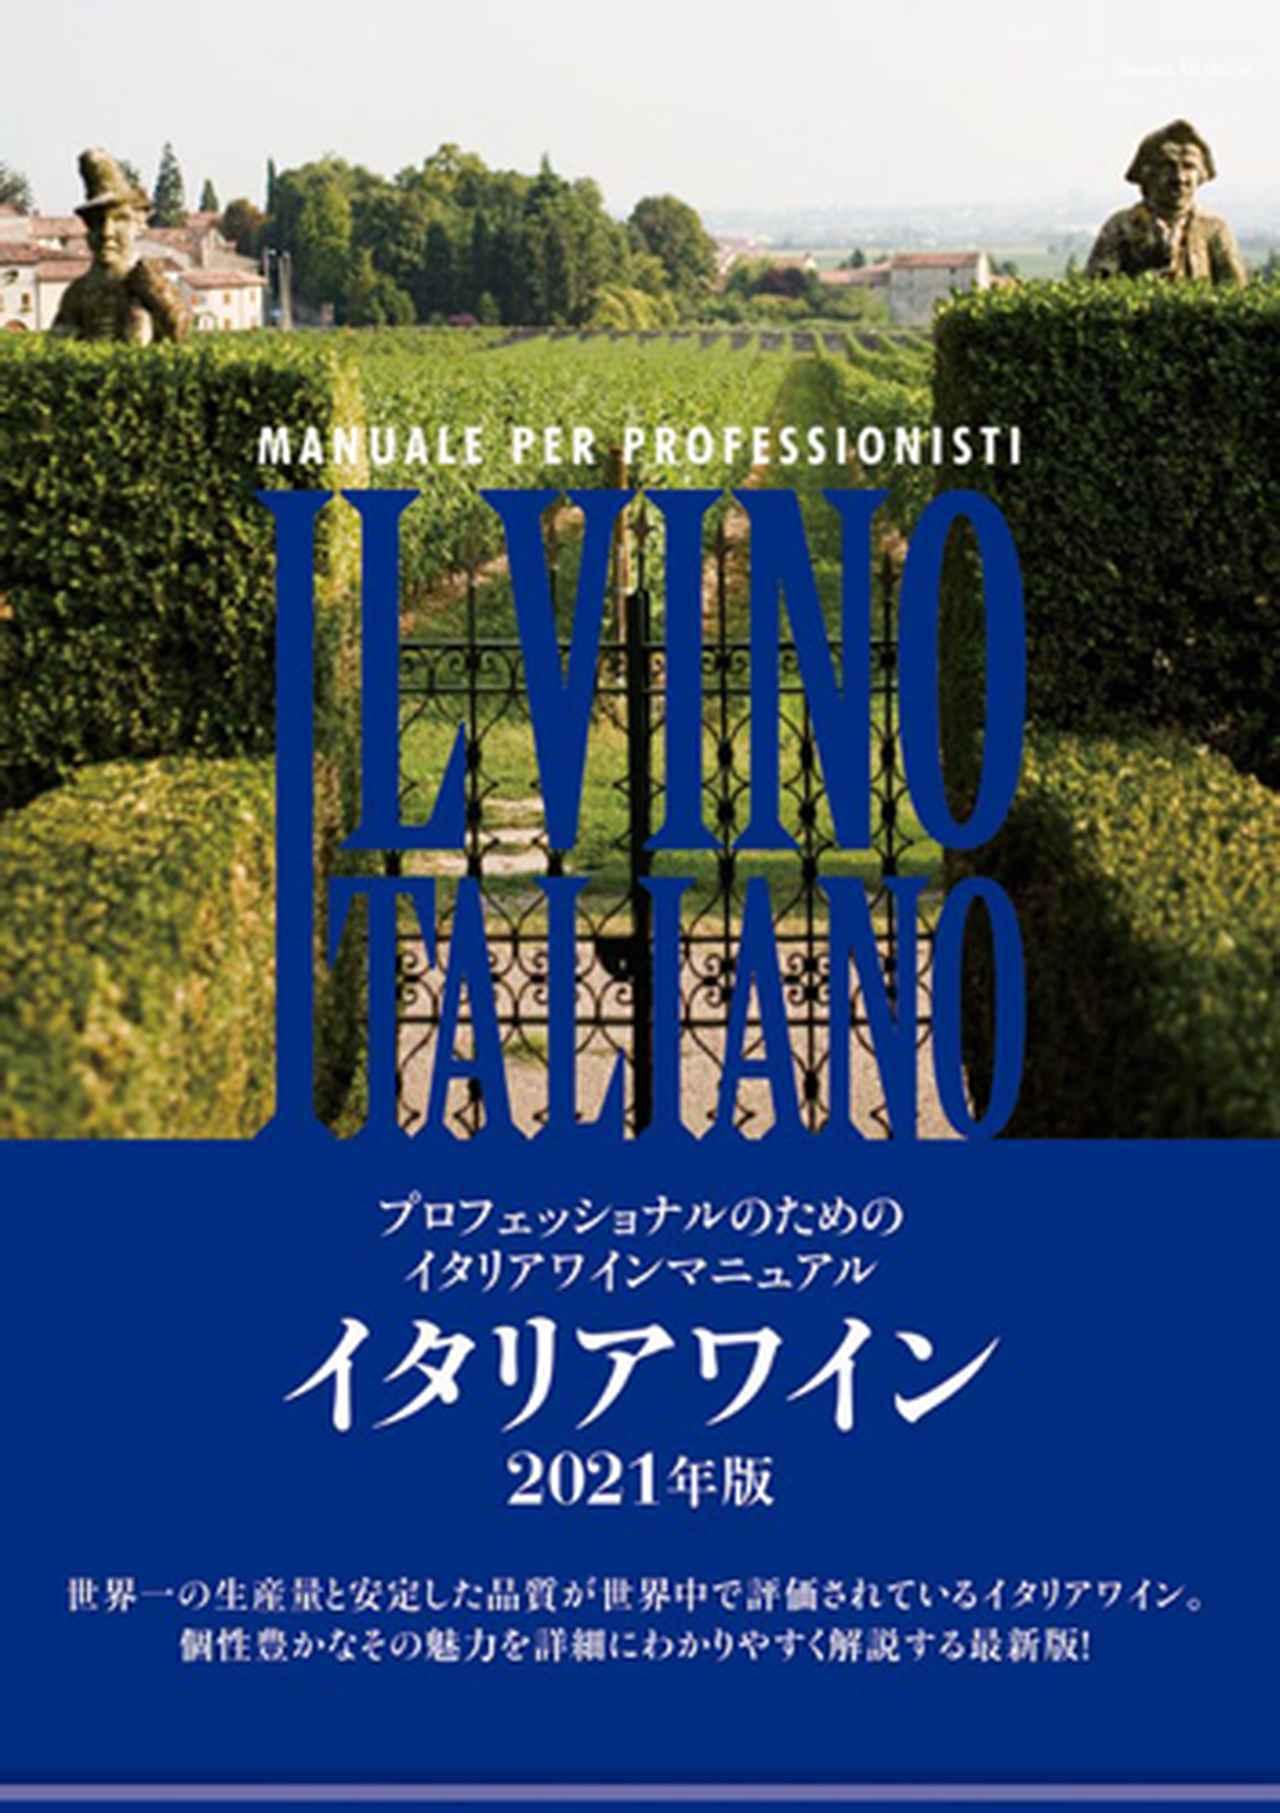 画像: プロフェッショナルのためのイタリアワインマニュアル『イタリアワイン 2021年版 IL VINO ITALIANO』5月21日発売!